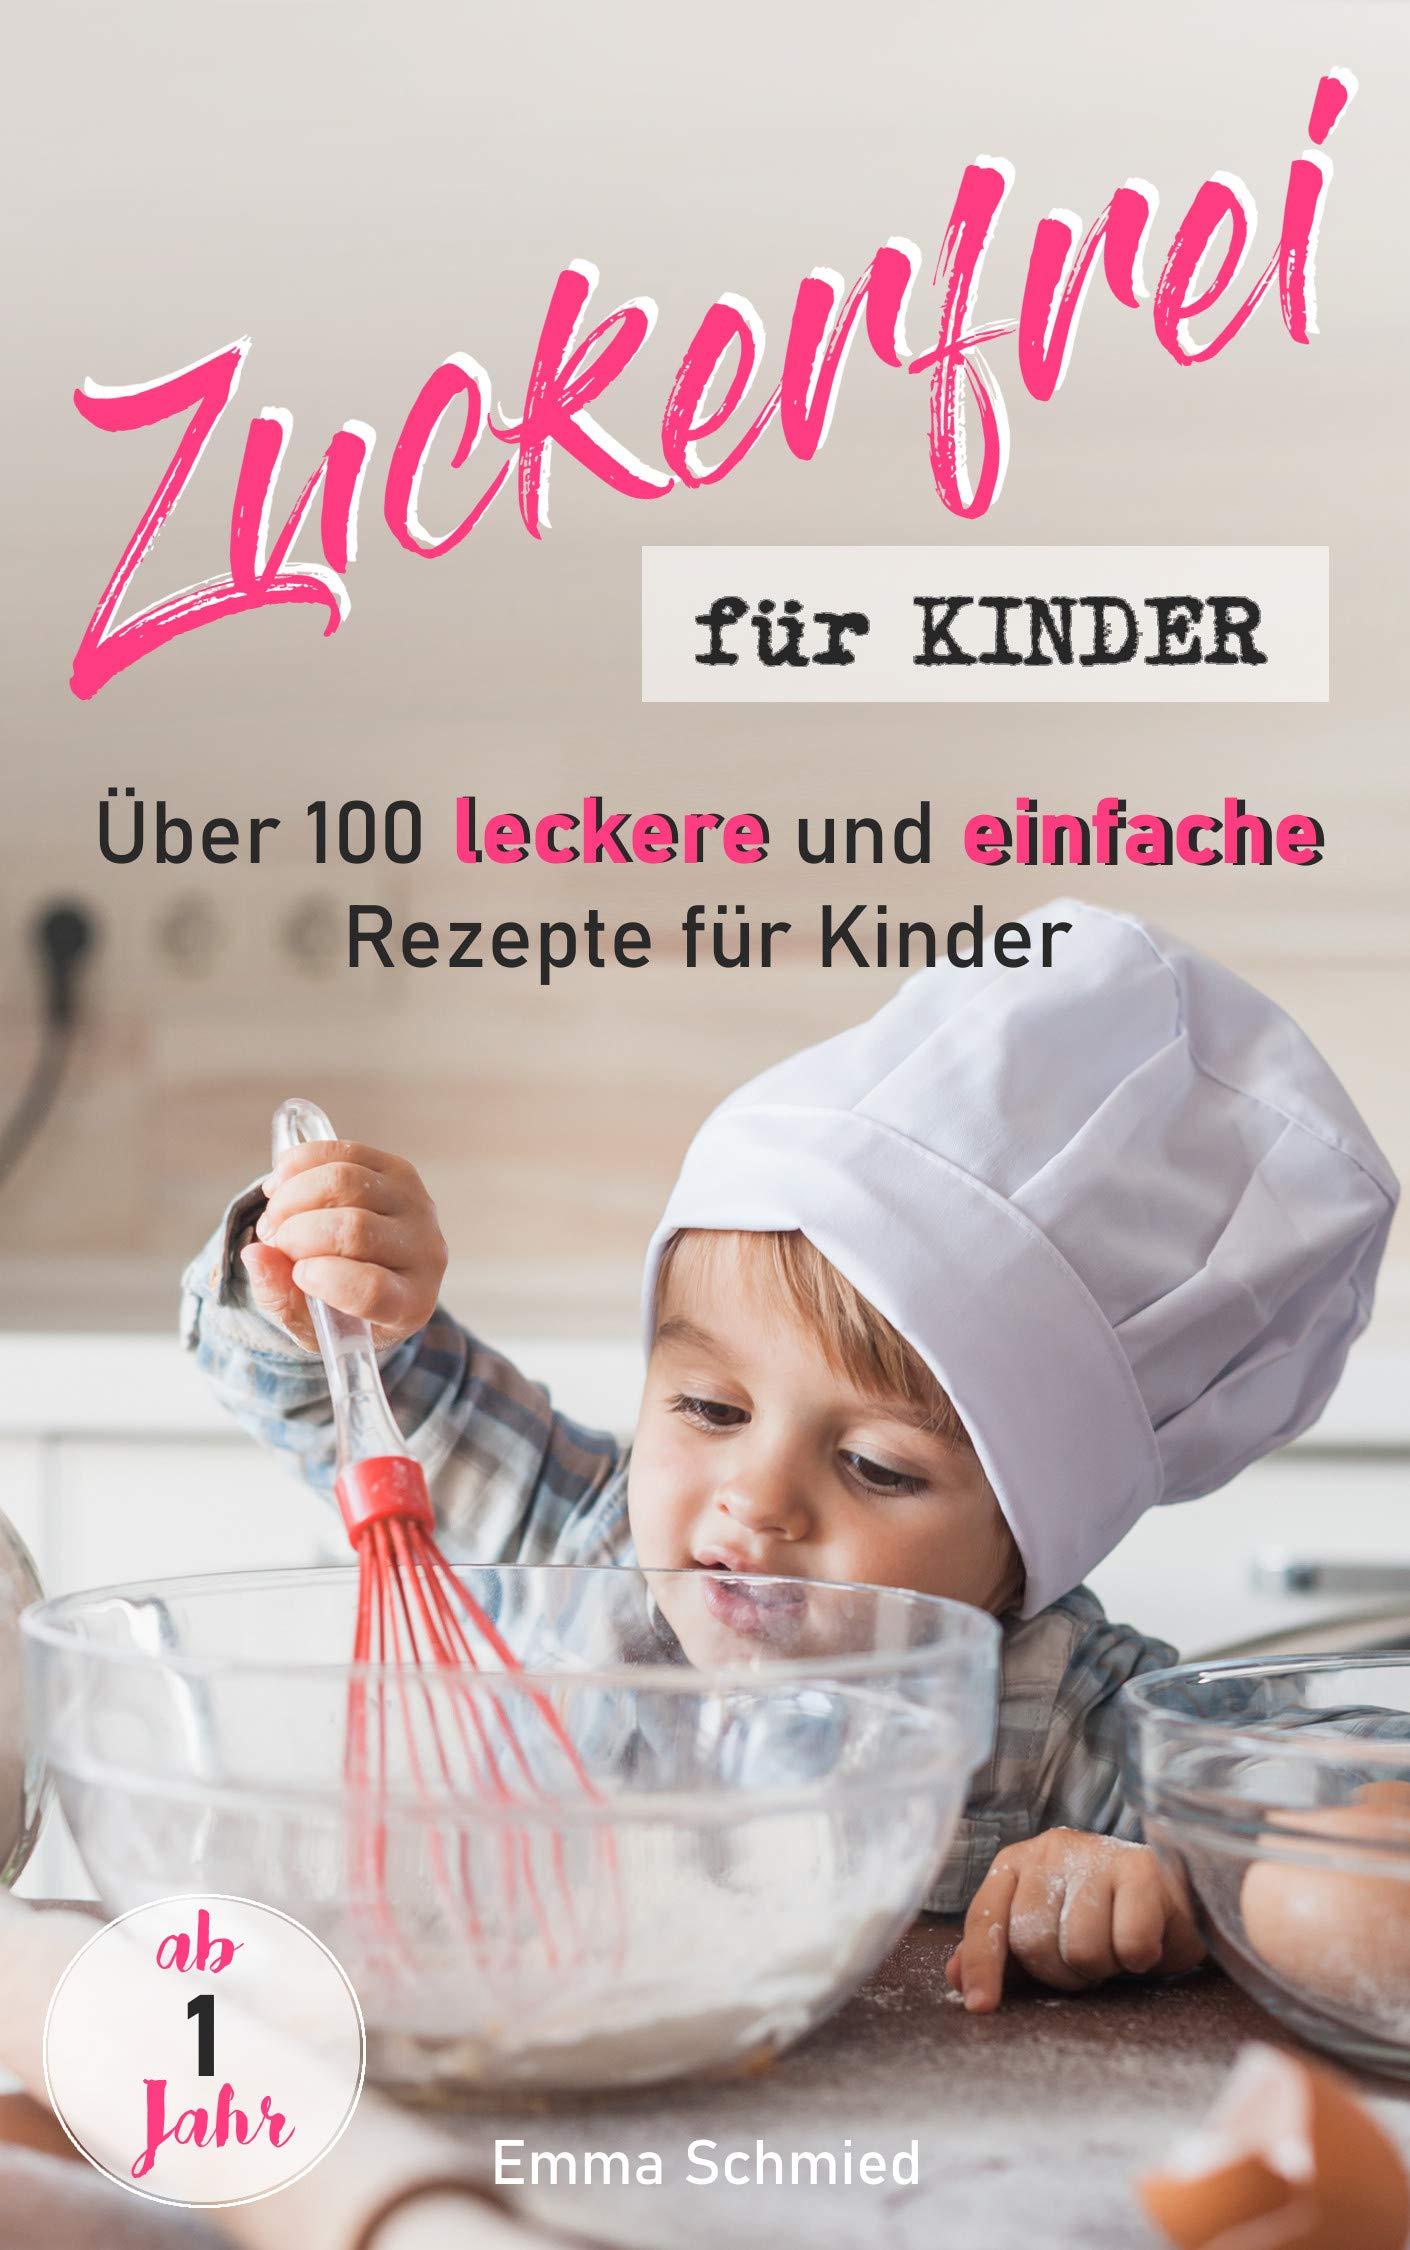 Zuckerfrei Für Kinder  Über 100 Leckere Und Einfache Rezepte Für Kinder Ab 1 Jahr